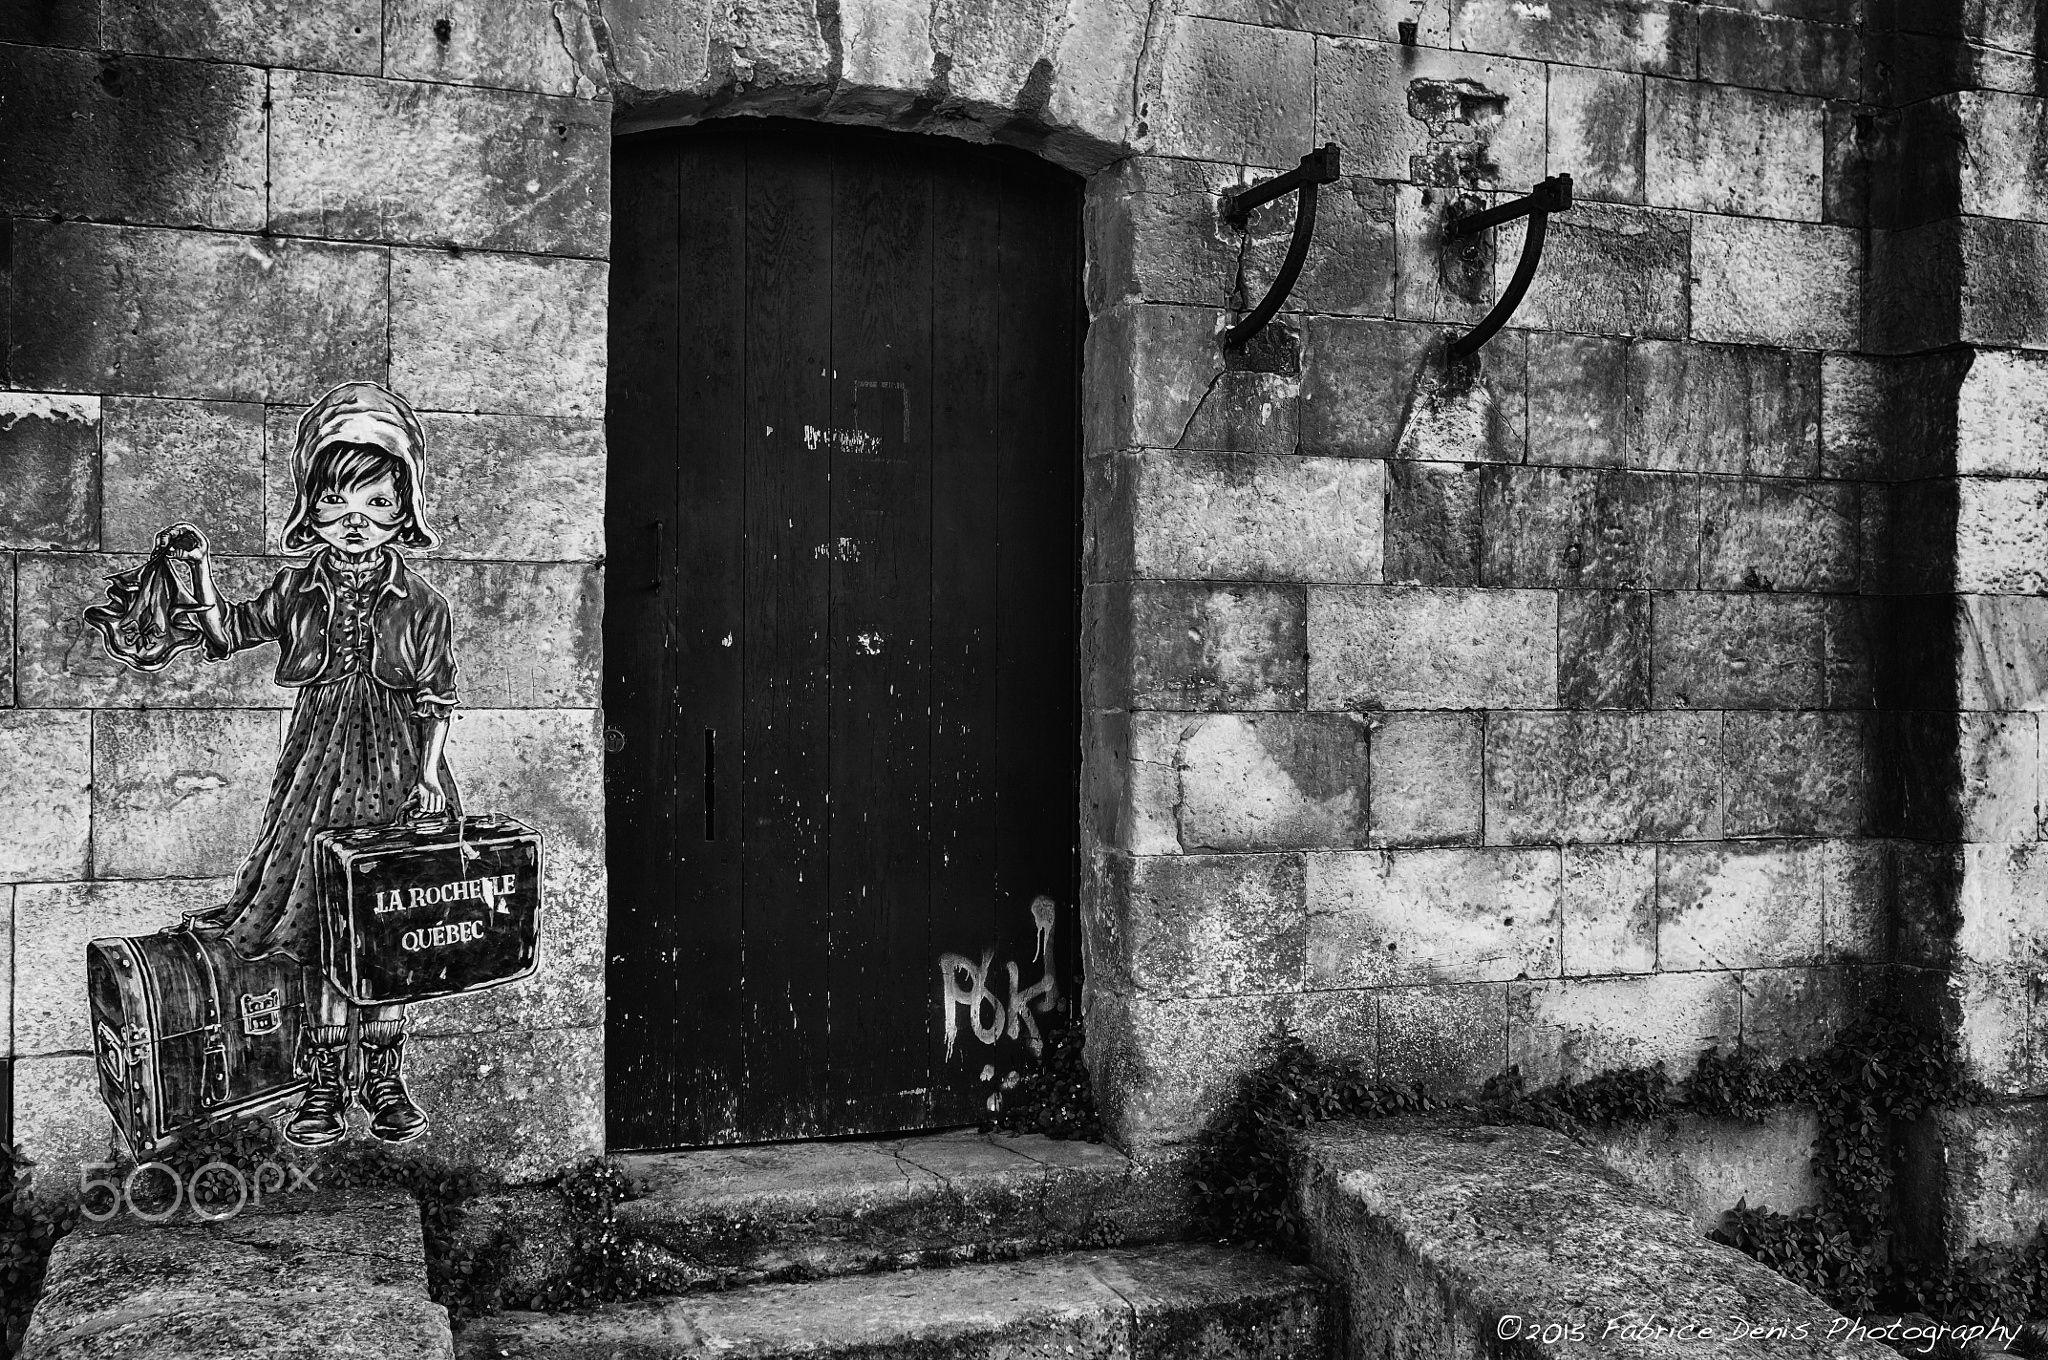 La Rochelle-Quebec Louise Fille du Roy » (en référence aux orphelines et jeunes femmes de condition modeste qui peuplèrent les colonies), la mascotte créée par l'artiste Grossesouris.